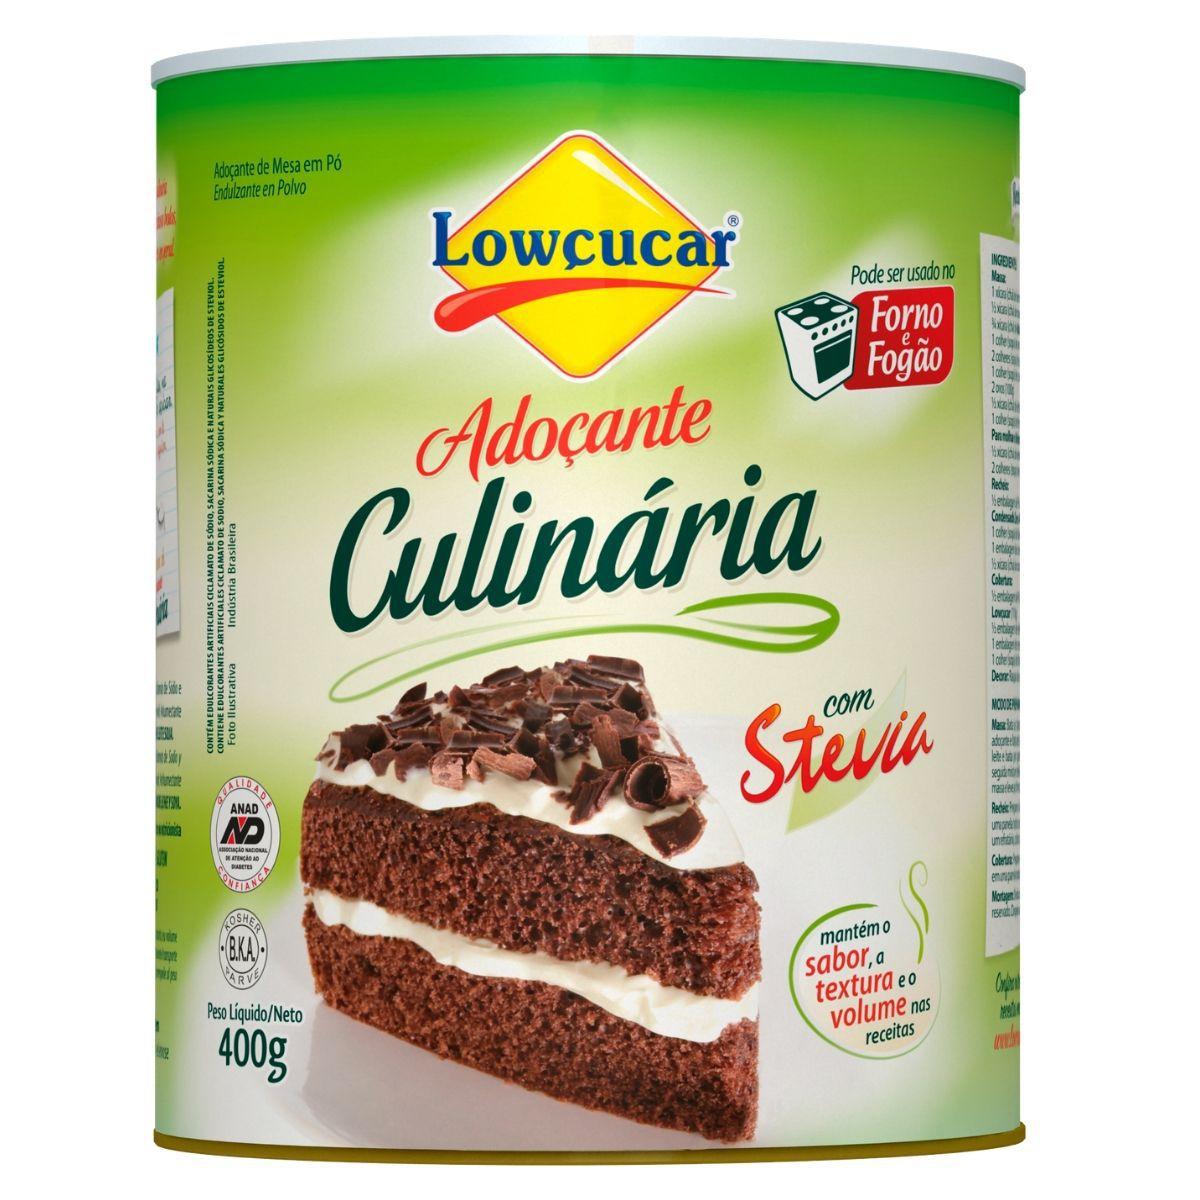 Adoçante Culinária C/ Stevia 400g Forno e Fogão Lowçucar